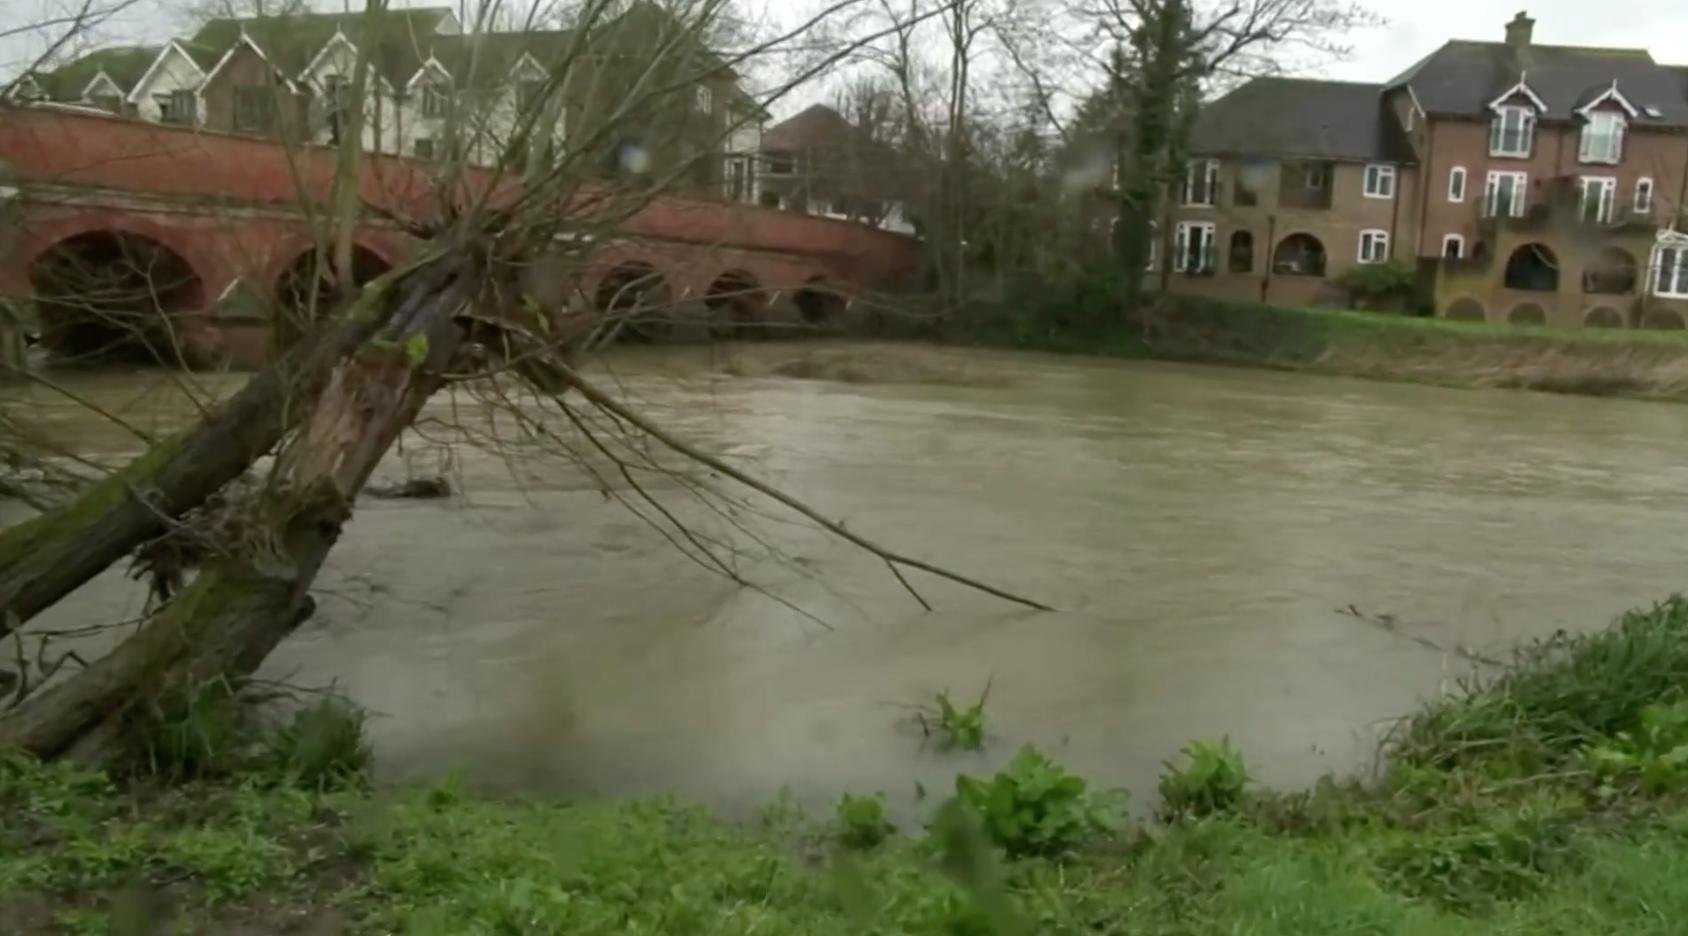 Anh Quốc hủy các chuyến bay khi cơn bão thứ hai đổ bộ gây nguy cơ lũ lụt